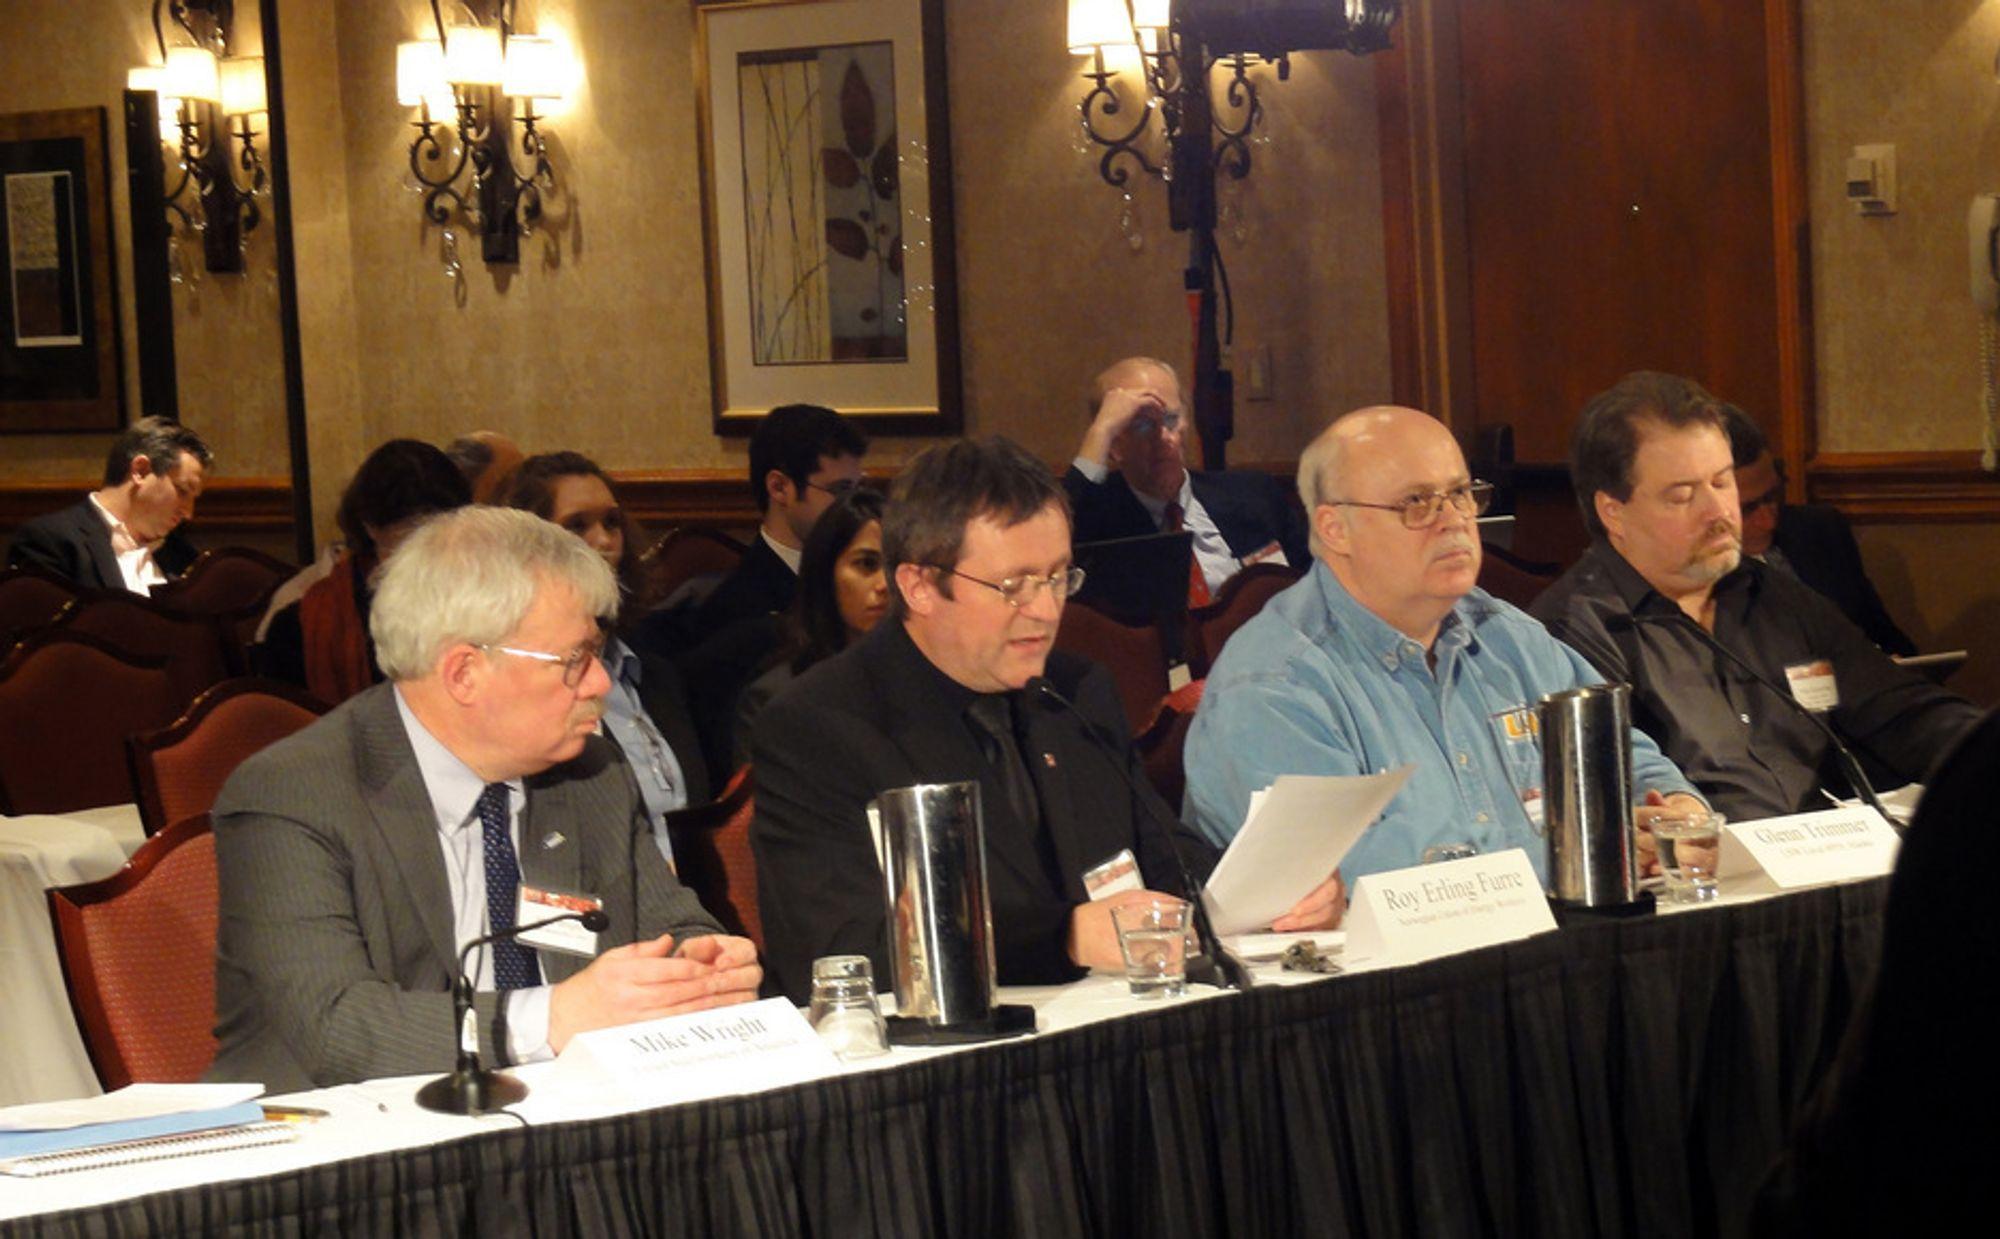 Roy Erling Furre, andre fra høyre, under en høring i US Chemical Safety Board i Washington.